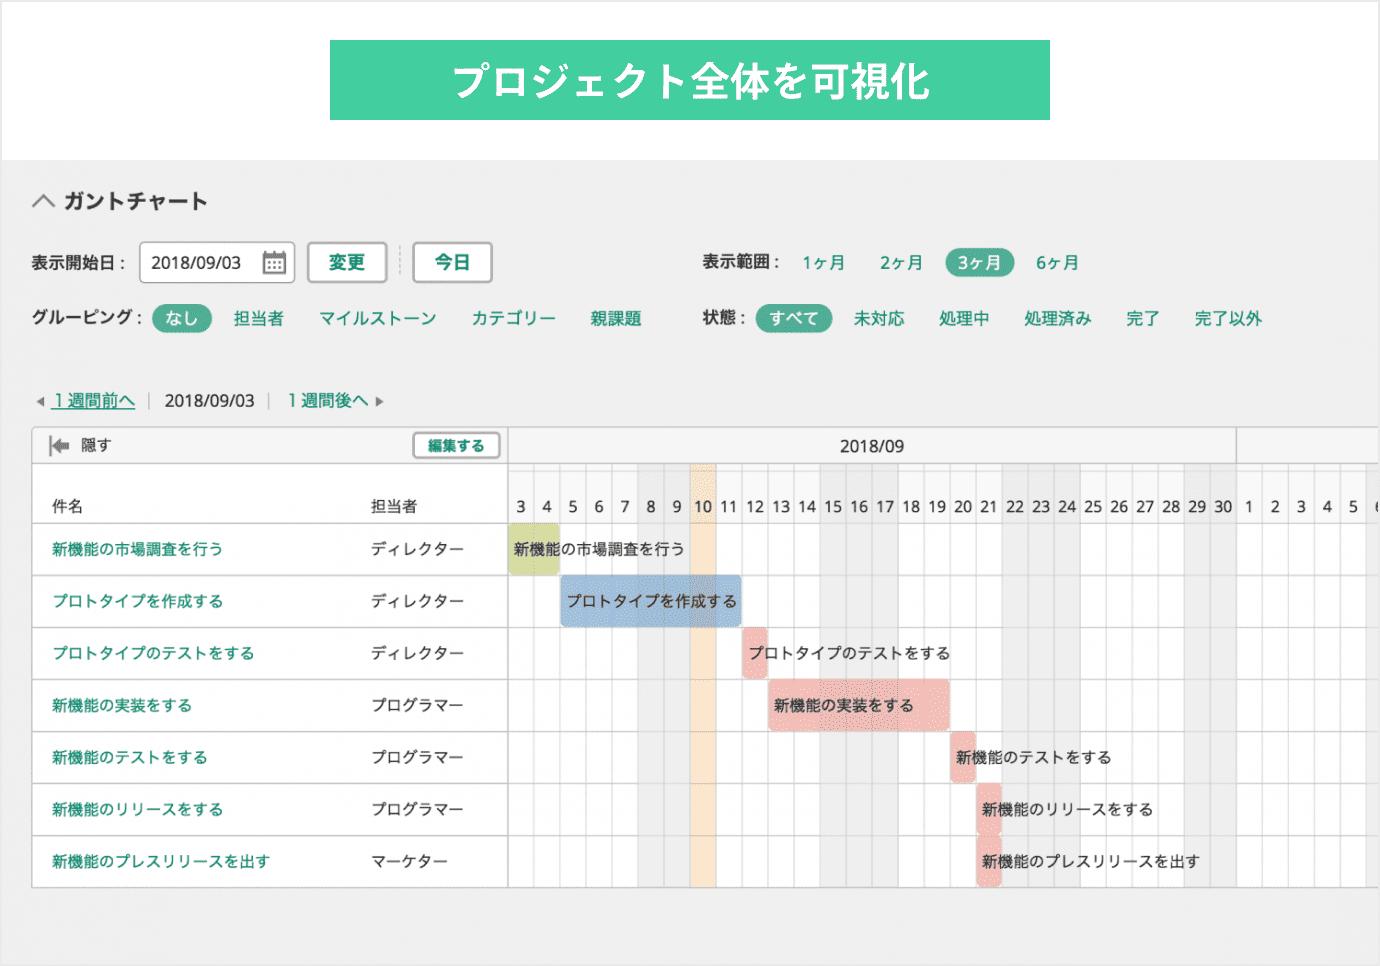 ガントチャートでプロジェクト全体を可視化する